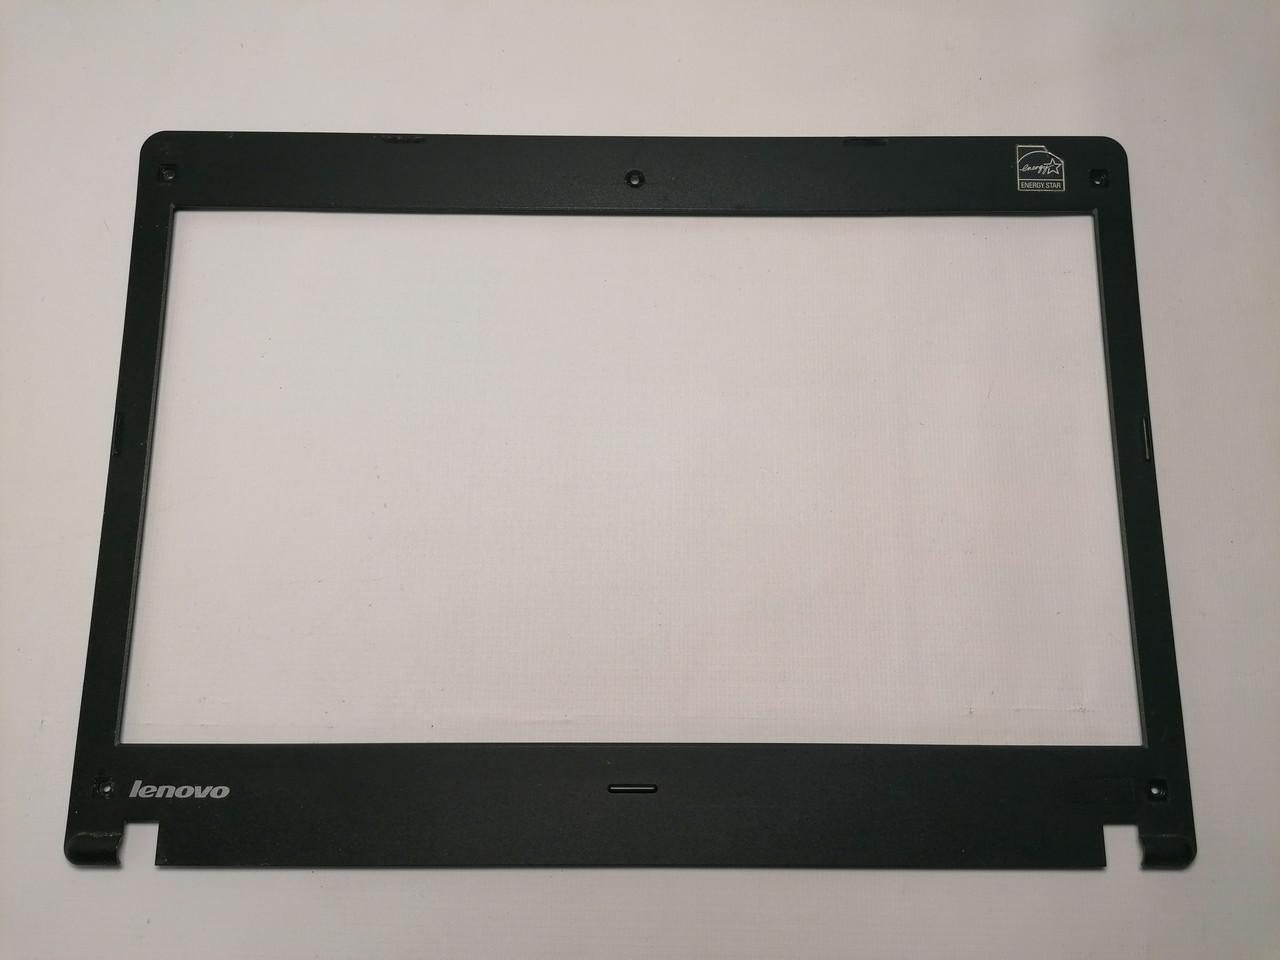 Б/У корпус рамка матрицы для LENOVO ThinkPad Edge 13, E30, E31 (04W0348)